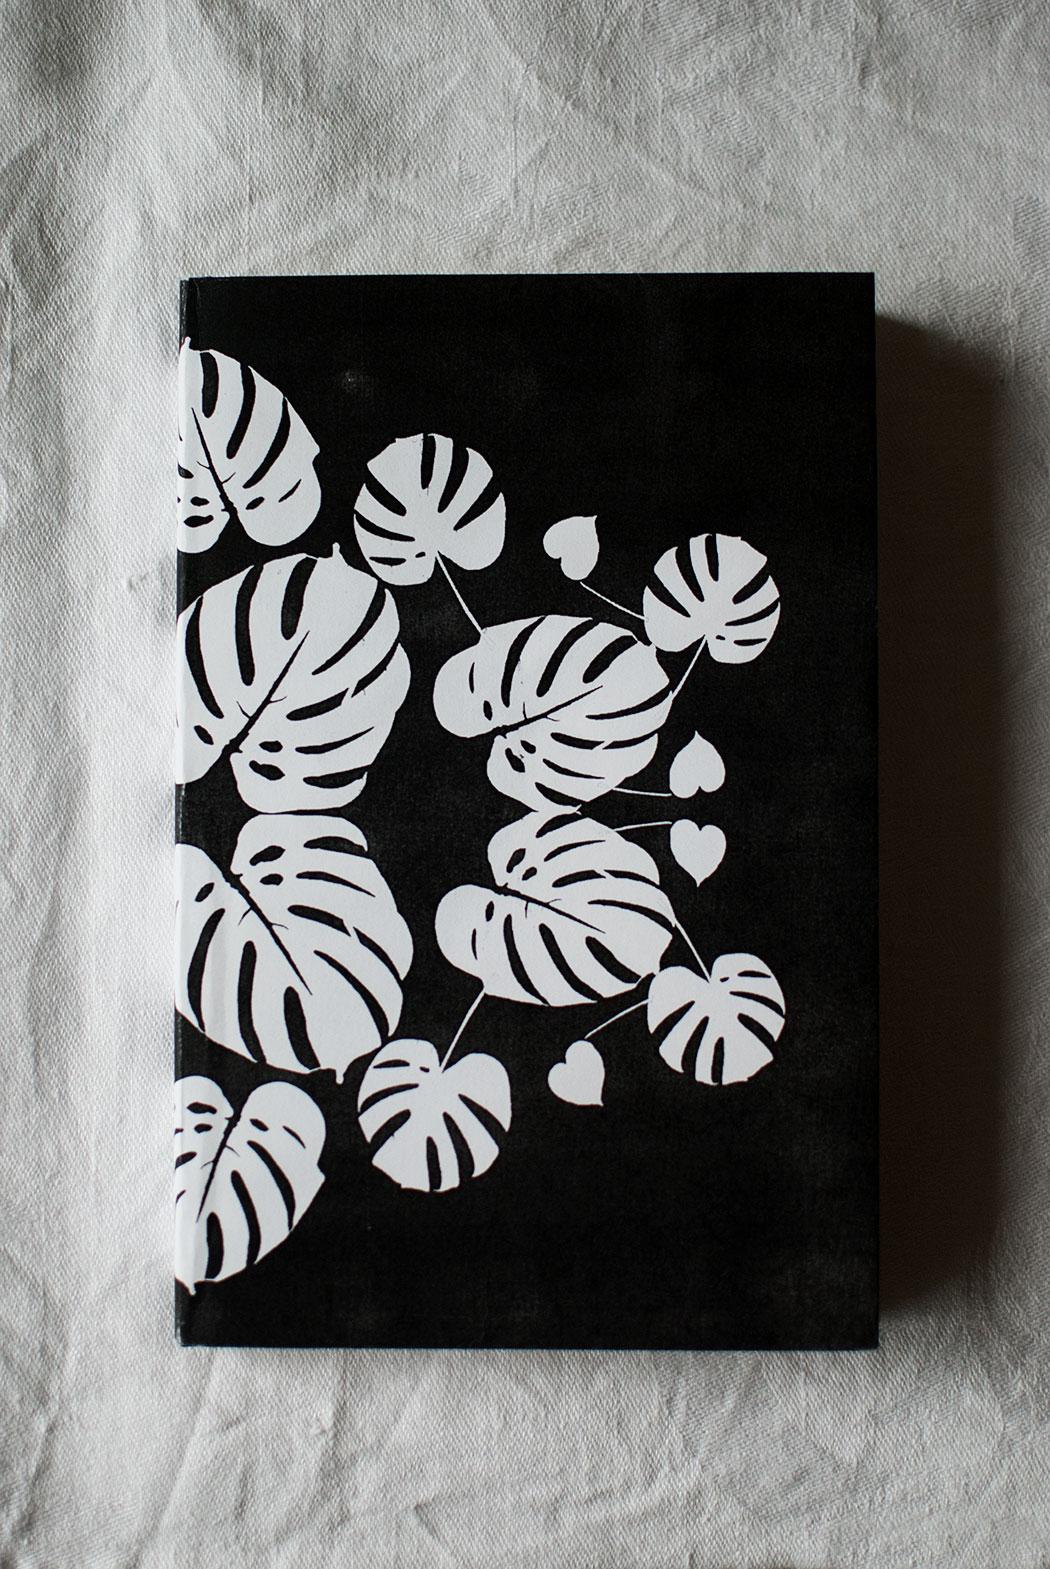 Monthly Makers kontrast – växtprint i svartvitt